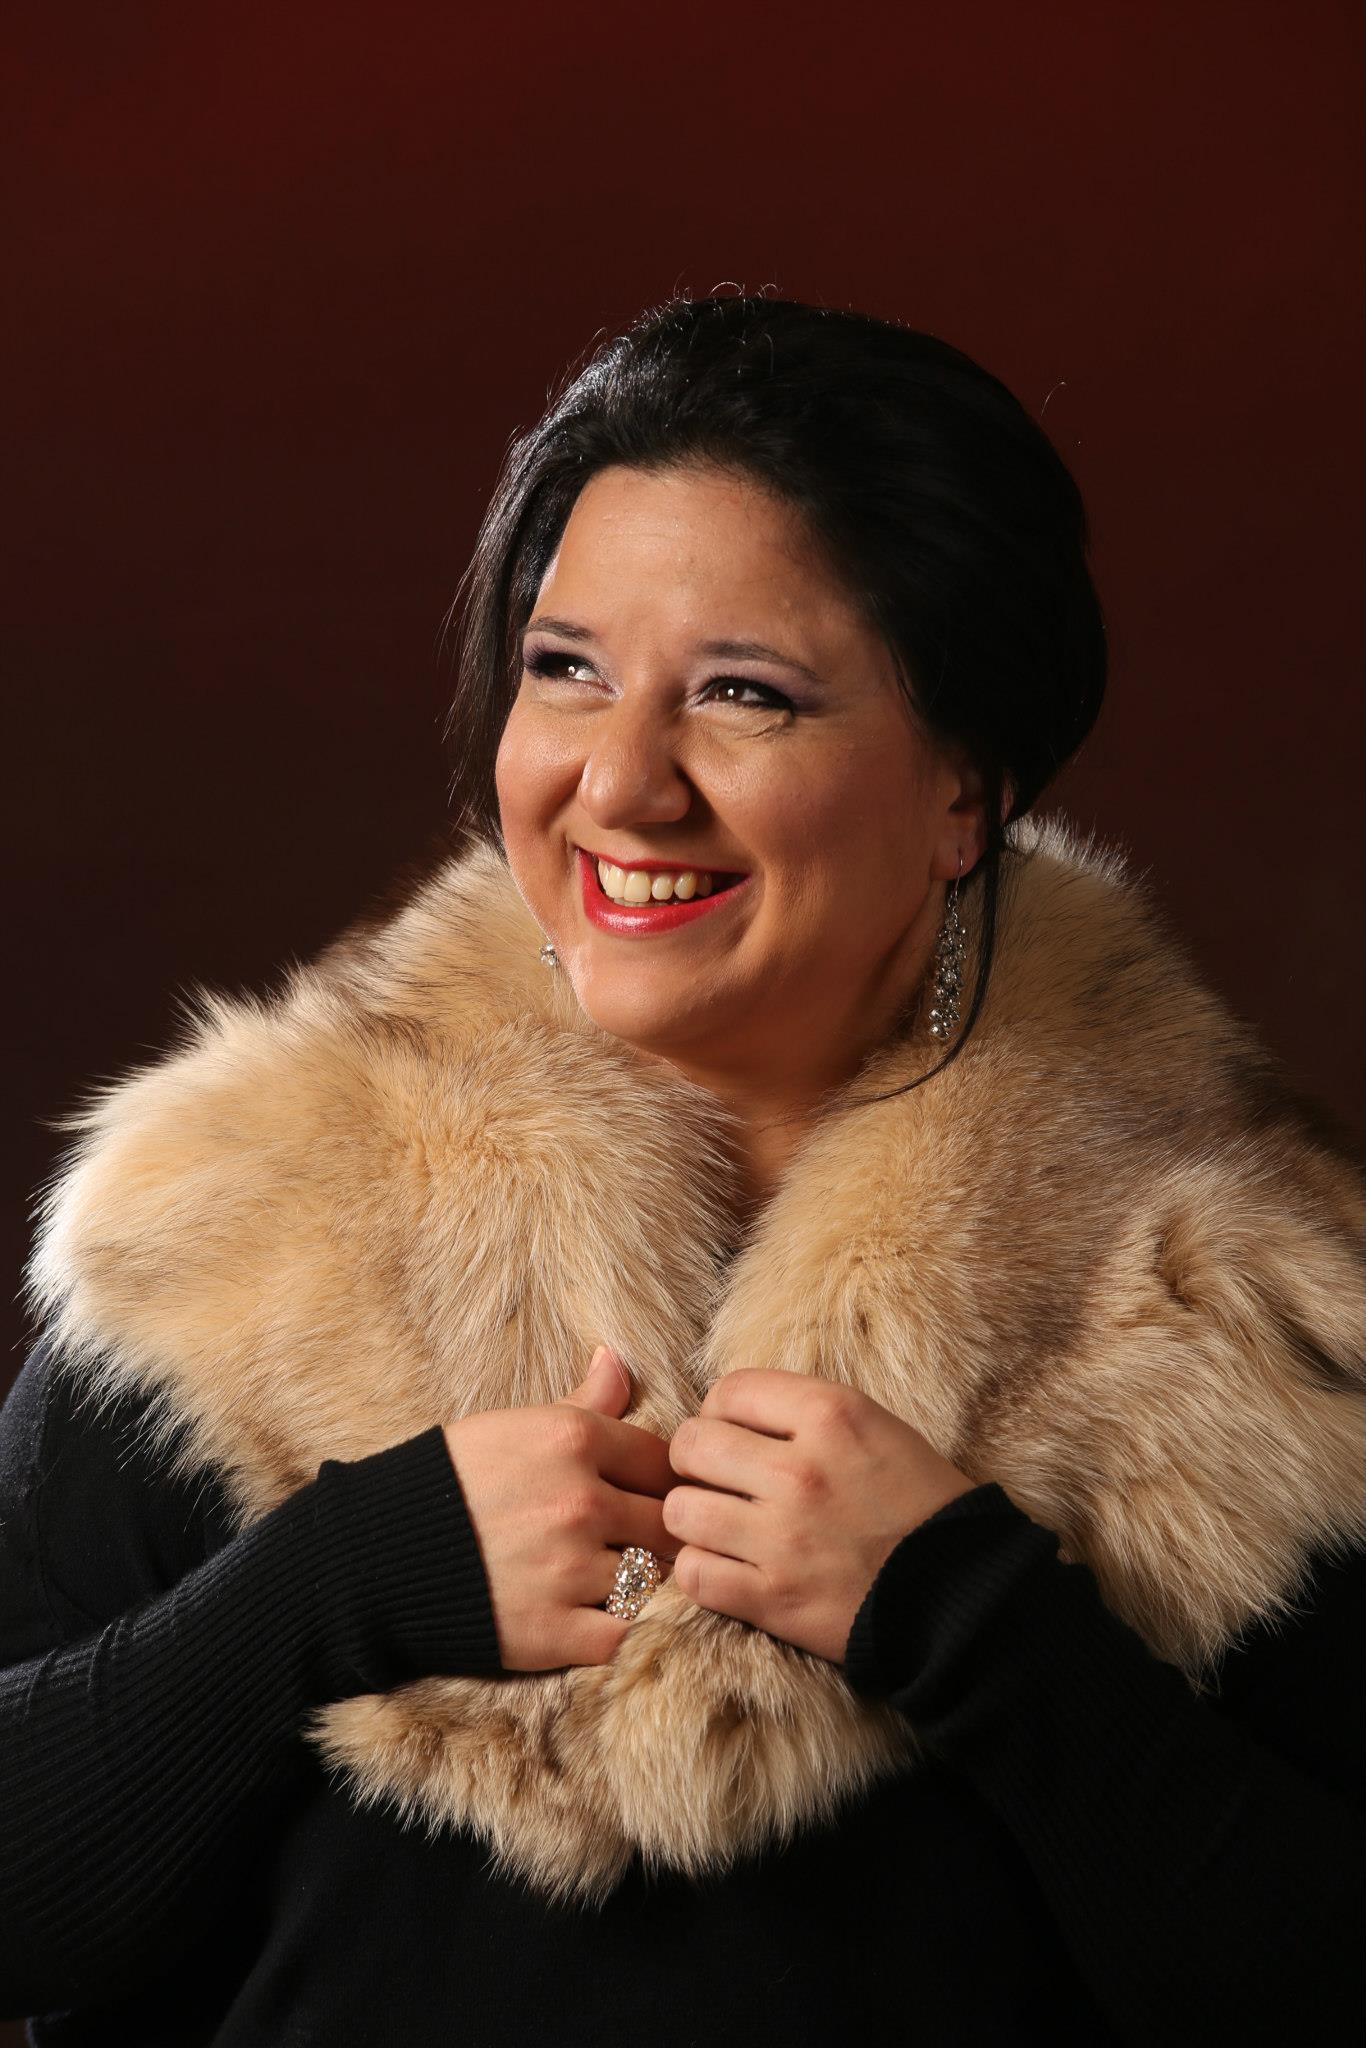 Joanna Zhelezcheva